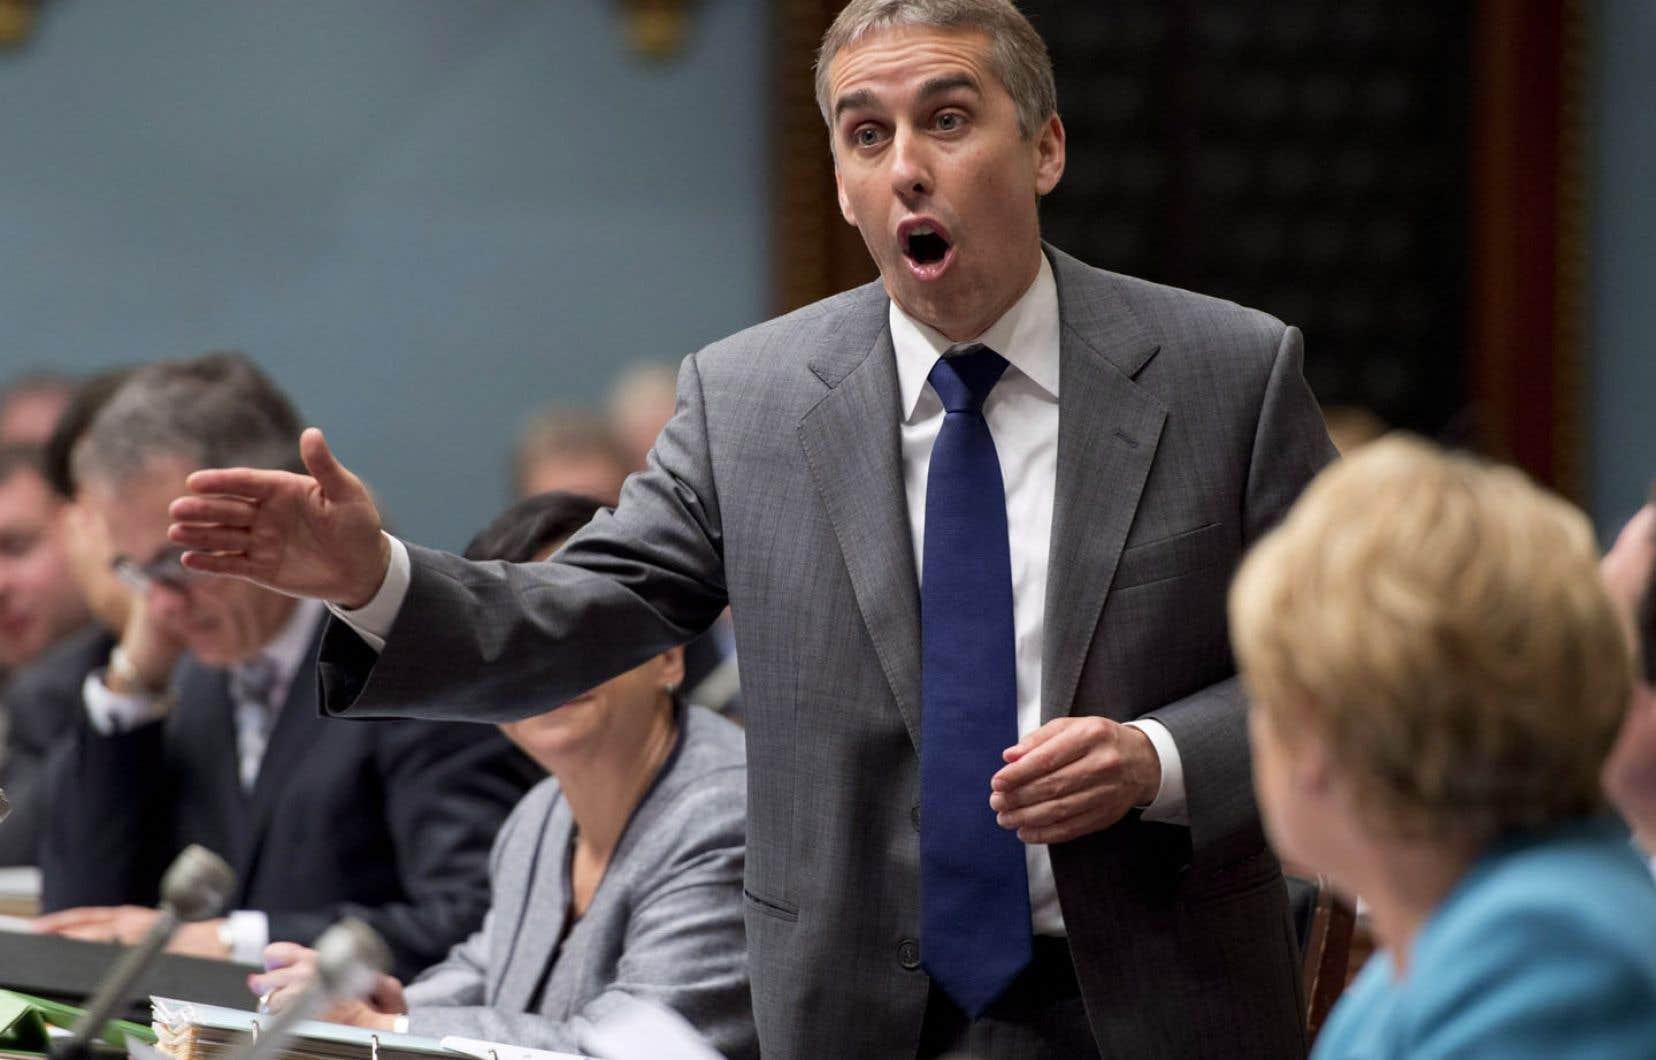 Lors de l'étude du projet de loi 25, le ministre Nicolas Marceau avait sorti de son chapeau trois amendements, dont l'un permettait à Hydro-Québec de se soustraire à l'obligation de procéder par appel d'offres pour obtenir de l'énergie éolienne.